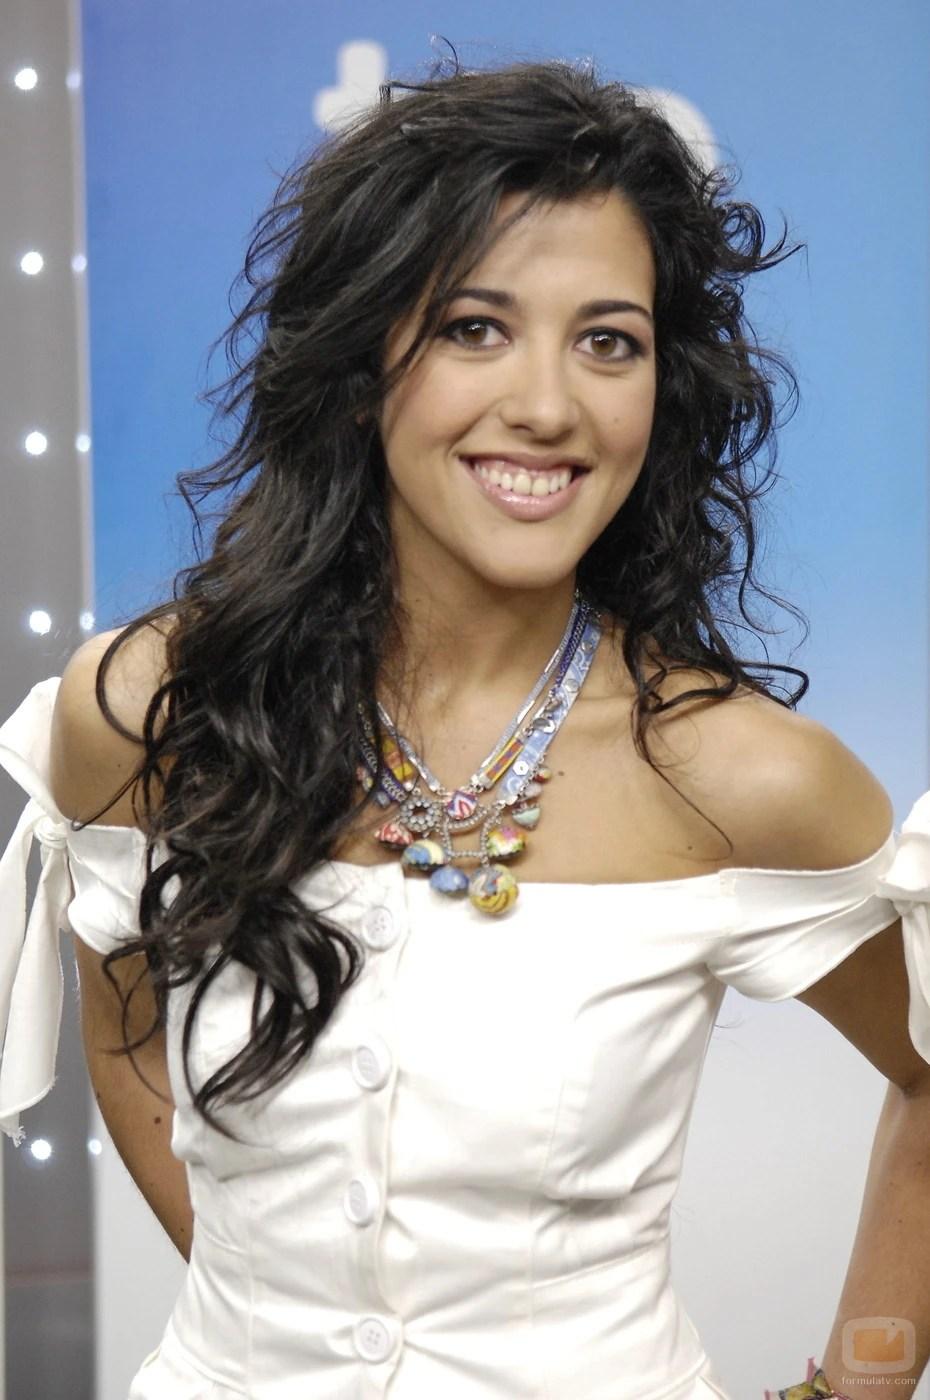 Lucía Pérez Eurovision Song Contest Wiki Fandom